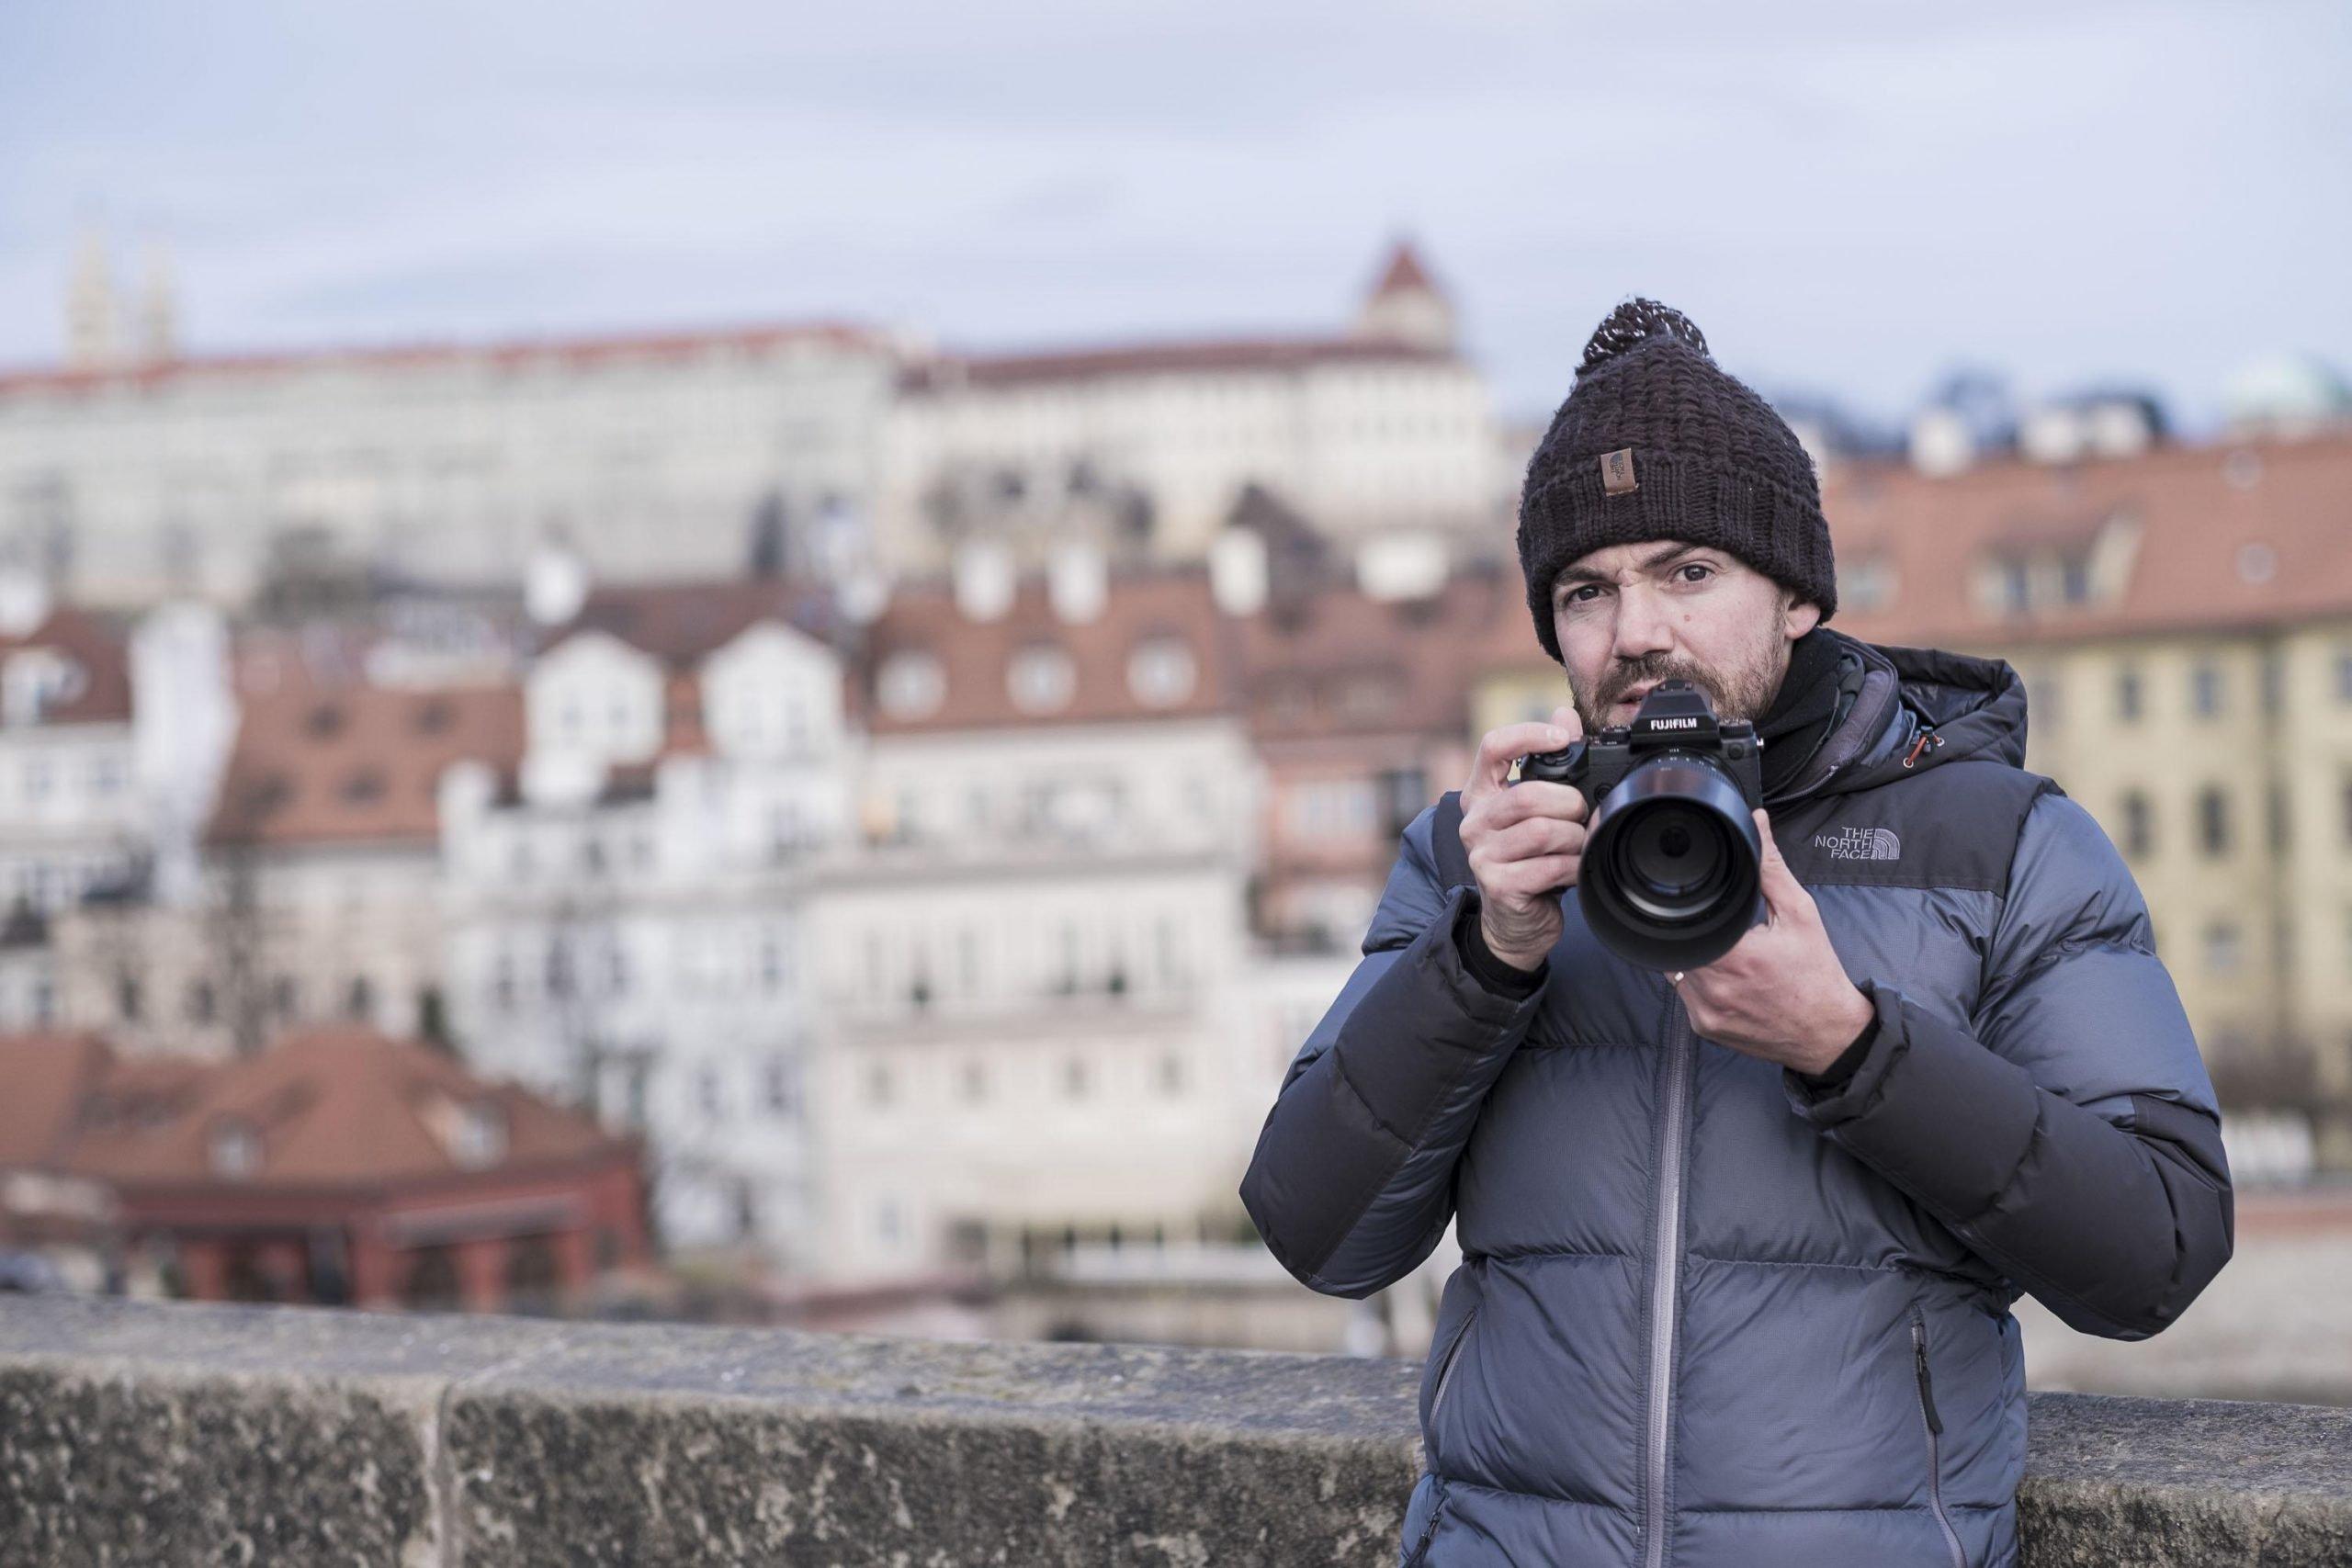 travel photography workshop The North Face Winter Clothing Jose Jeuland Singapore jacket hat fujifilm GFX prague